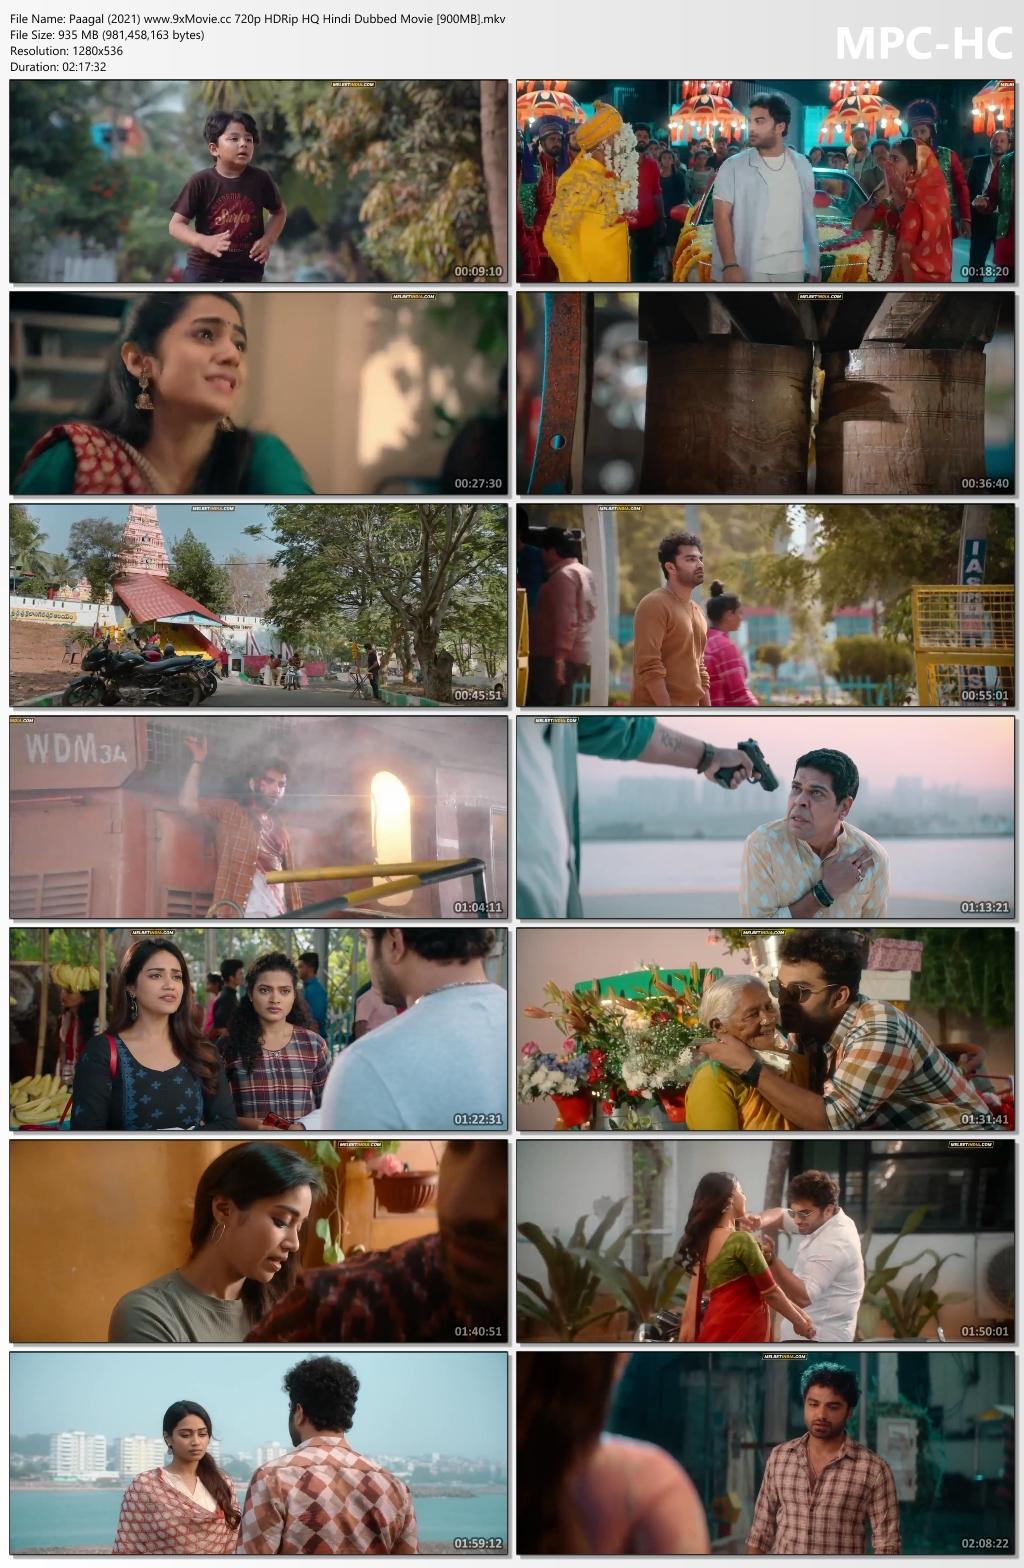 Paagal-2021-www-9x-Movie-cc-720p-HDRip-HQ-Hindi-Dubbed-Movie-900-MB-mkv